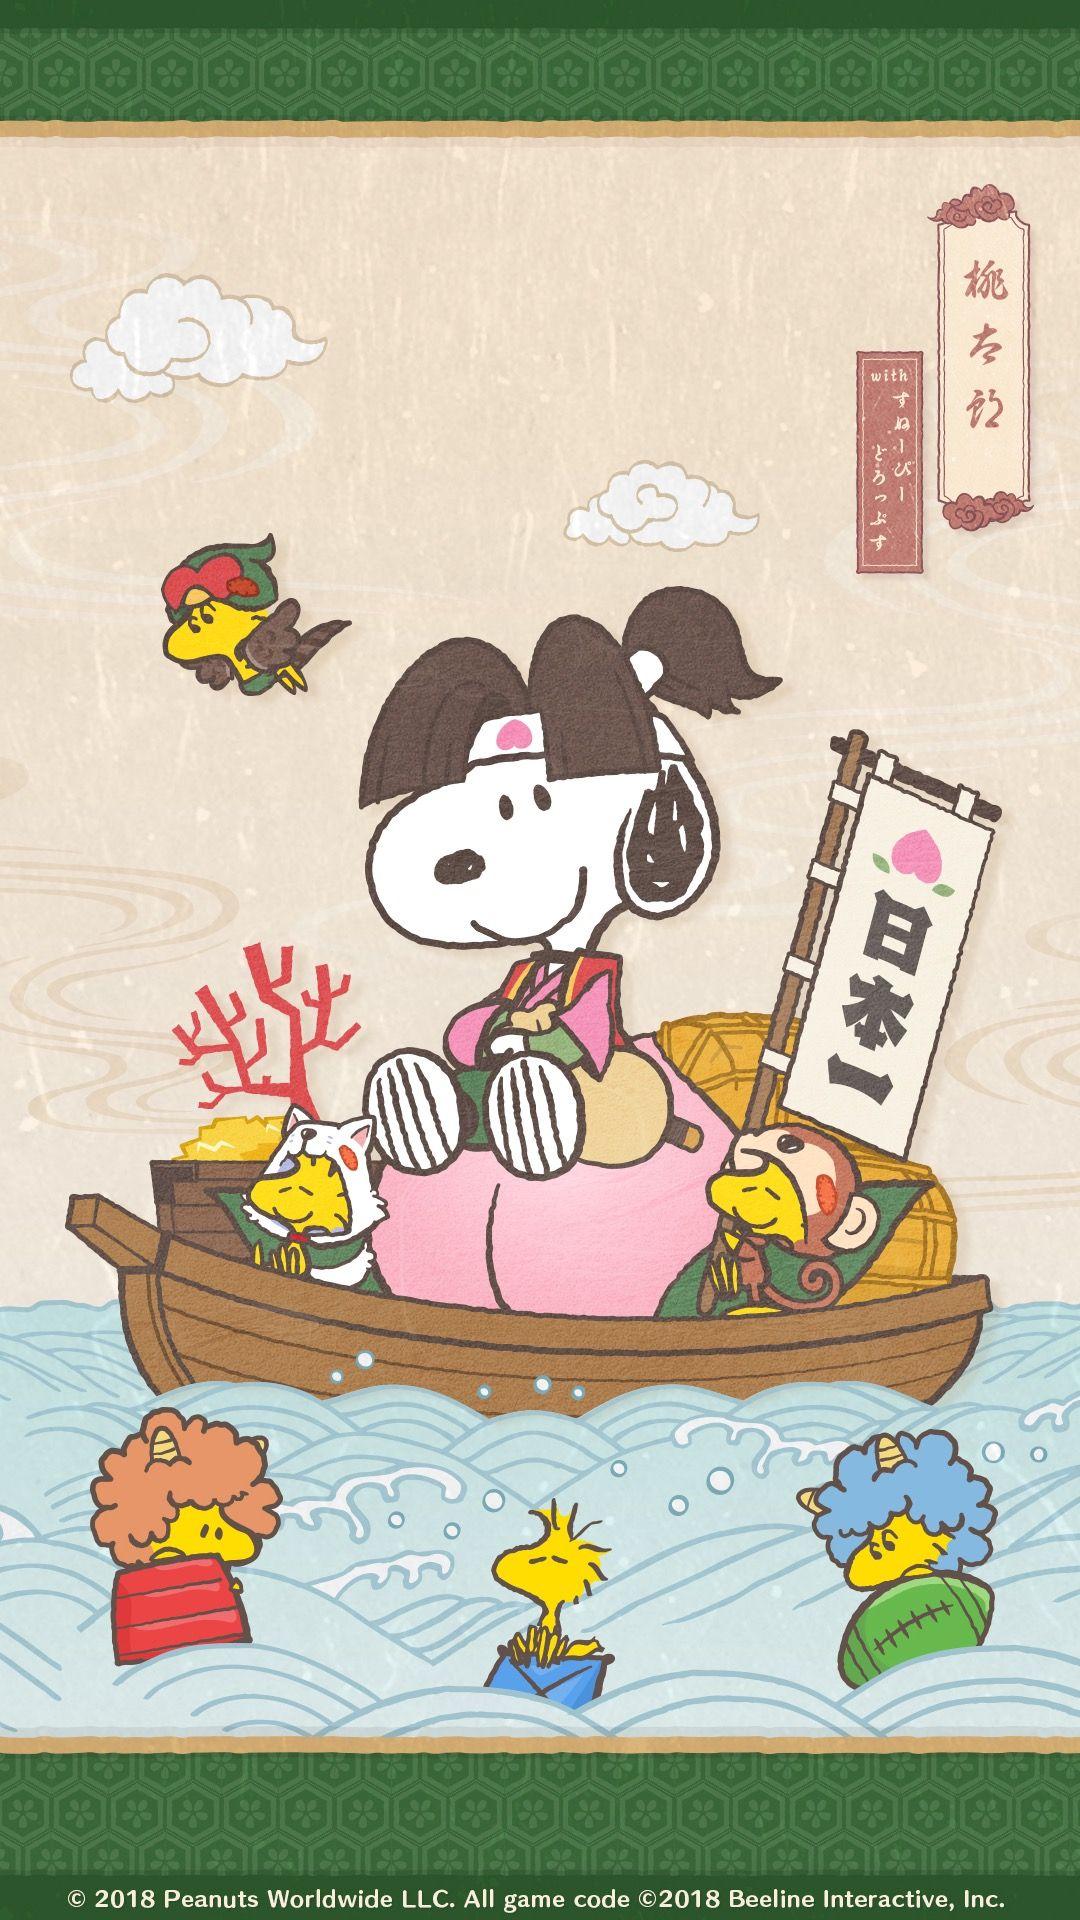 Snoopy 桃太郎 スヌーピーの壁紙 かわいい 壁紙 Iphone スヌーピー イラスト